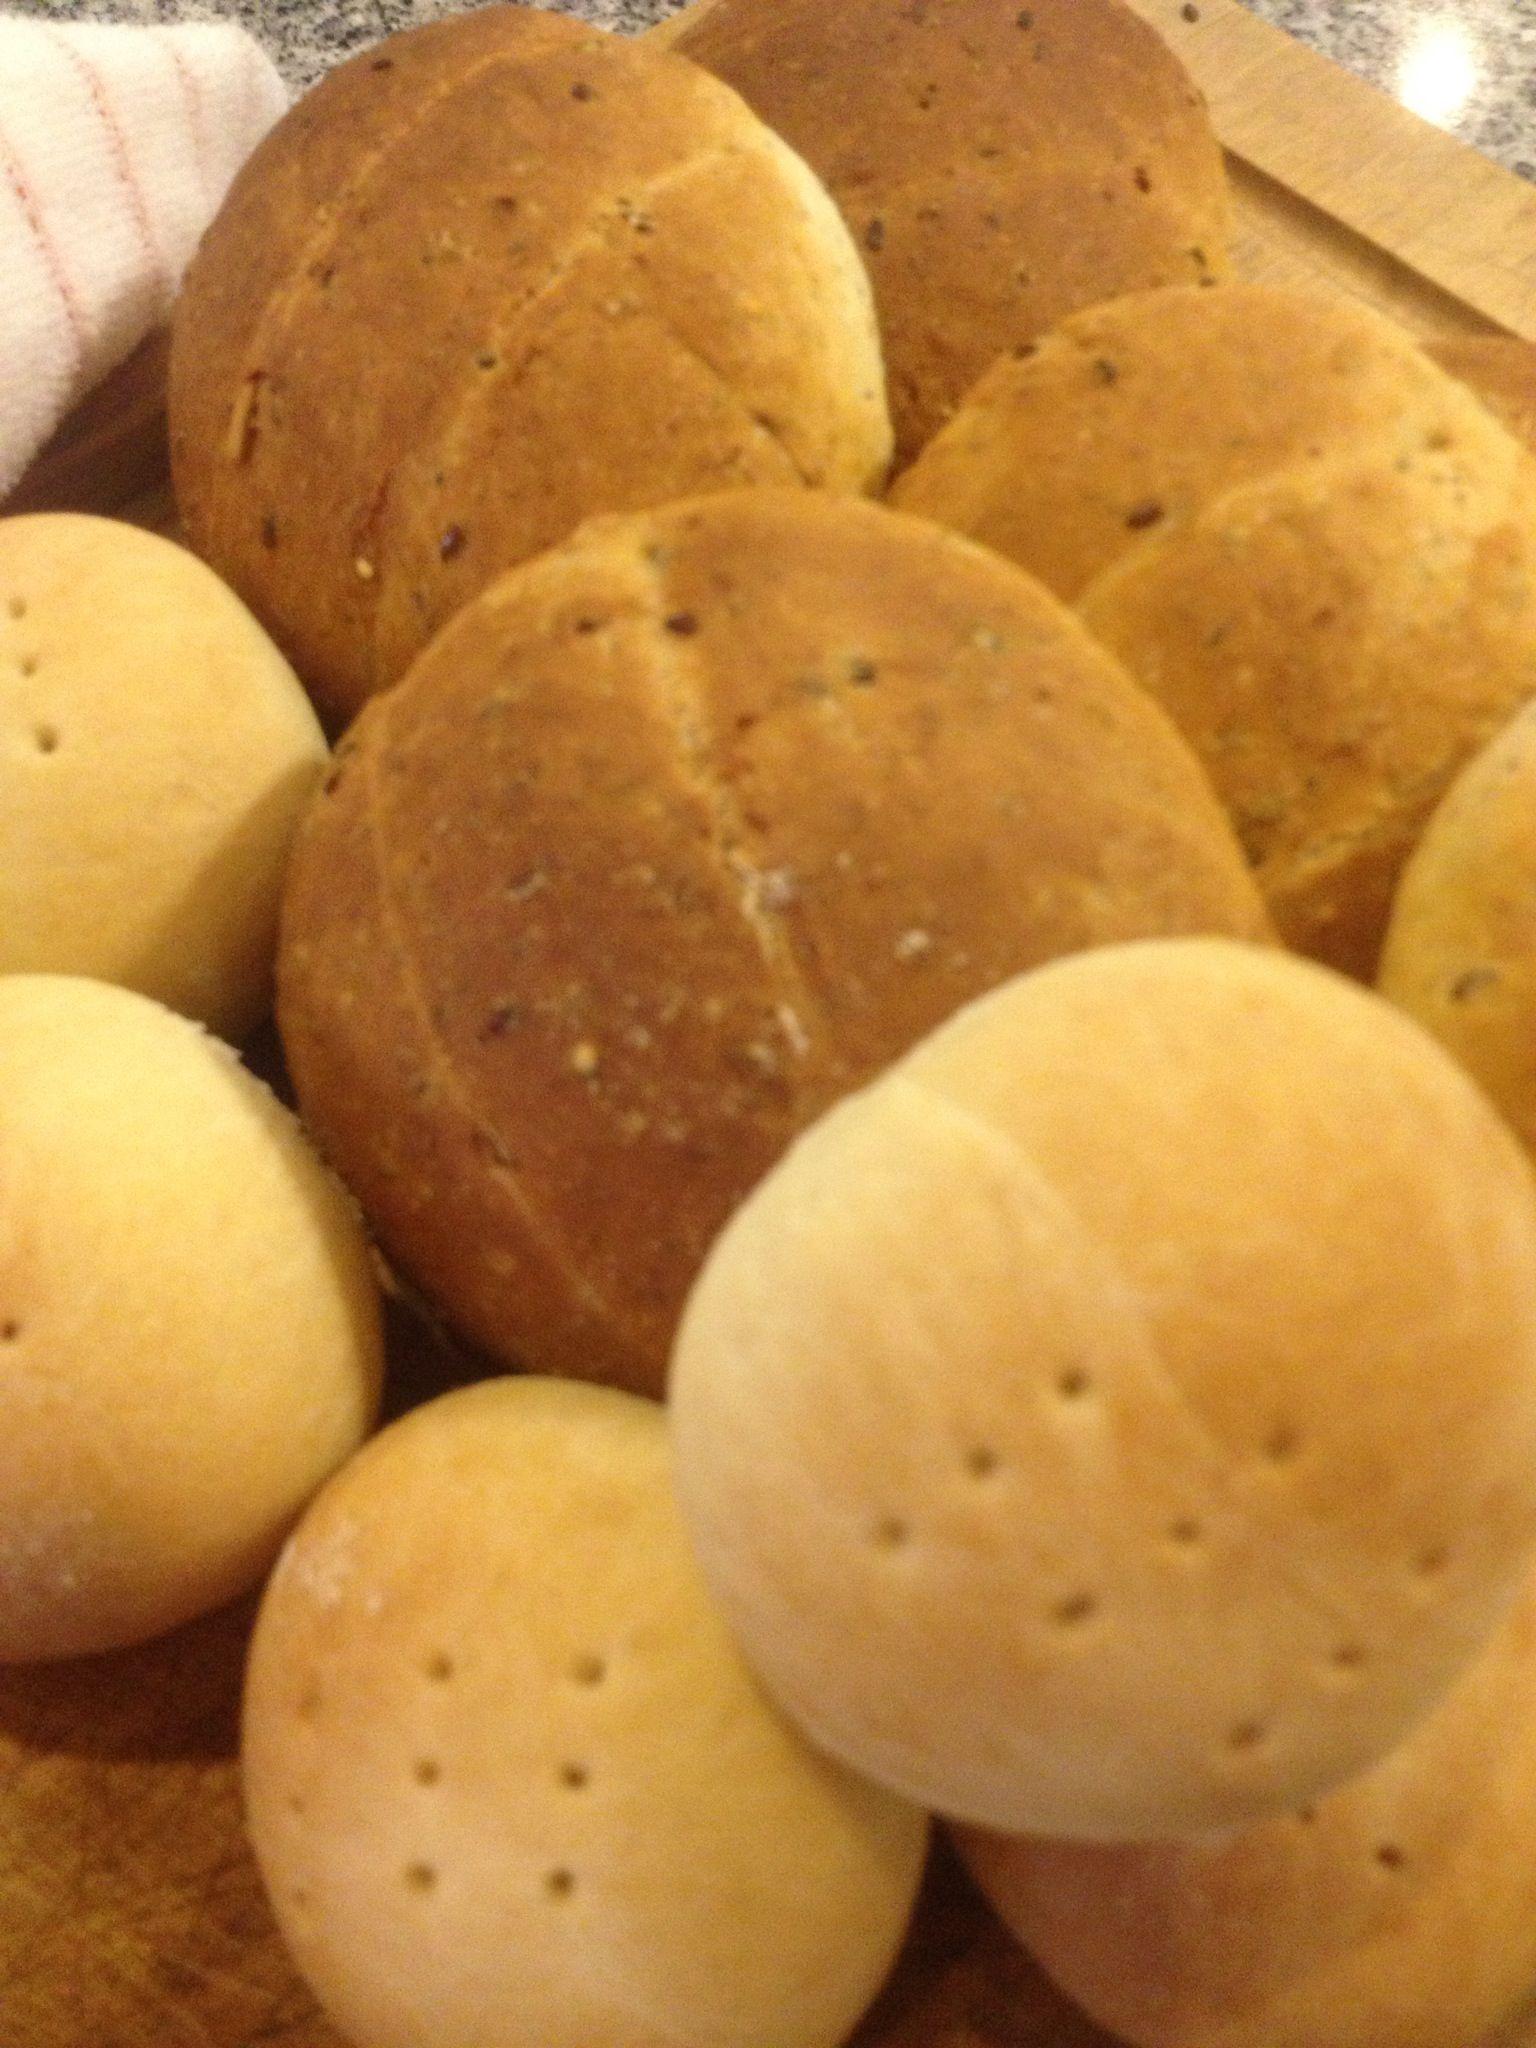 Mis panes de hoy, amasado y multigrano